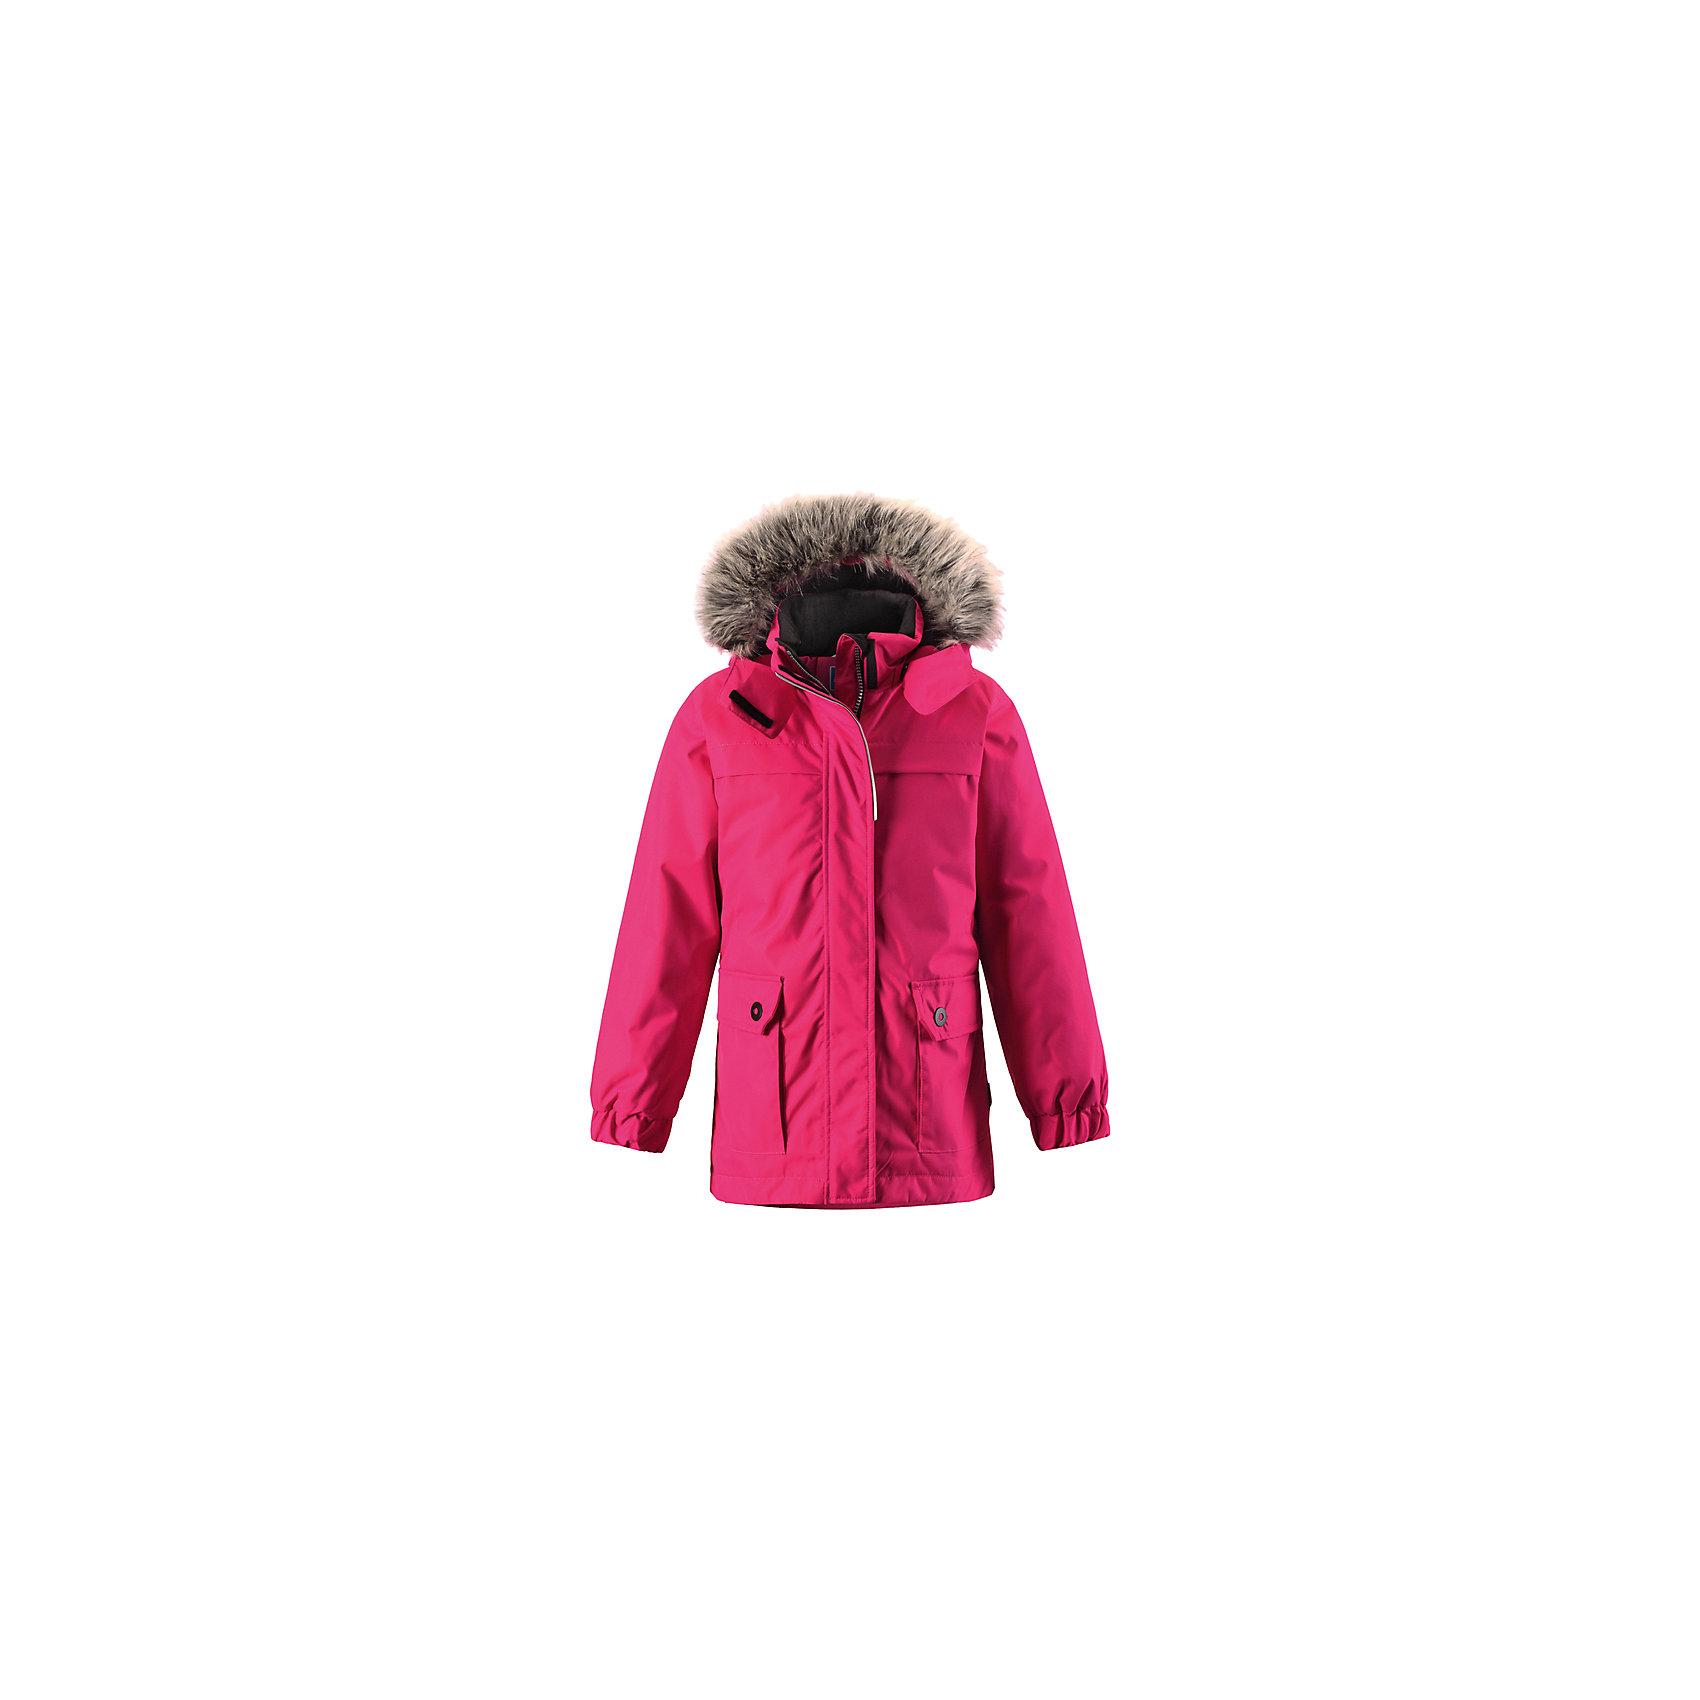 Куртка для девочки LASSIE by ReimaЗимняя куртка для детей известной финской марки.<br><br>- Водоотталкивающий, ветронепроницаемый, «дышащий» и грязеотталкивающий материал.<br>- Крой для девочек.<br>- Гладкая подкладка из полиэстра.<br>- Средняя степень утепления<br>-  Безопасный съемный капюшон с отсоединяемой меховой каймой из искусственного меха. <br>- Эластичные манжеты. Регулируемый обхват талии.<br>-  Карманы с клапанами. <br><br> Рекомендации по уходу: Стирать по отдельности, вывернув наизнанку. Перед стиркой отстегните искусственный мех. Застегнуть молнии и липучки. Соблюдать температуру в соответствии с руководством по уходу. Стирать моющим средством, не содержащим отбеливающие вещества. Полоскать без специального средства. Сушение в сушильном шкафу разрешено при  низкой температуре.<br><br>Состав: 100% Полиамид, полиуретановое покрытие.  Утеплитель «Lassie wadding» 180гр.<br><br>Ширина мм: 356<br>Глубина мм: 10<br>Высота мм: 245<br>Вес г: 519<br>Цвет: малиновый<br>Возраст от месяцев: 18<br>Возраст до месяцев: 24<br>Пол: Женский<br>Возраст: Детский<br>Размер: 92,140,134,128,122,116,110,104,98<br>SKU: 4782318